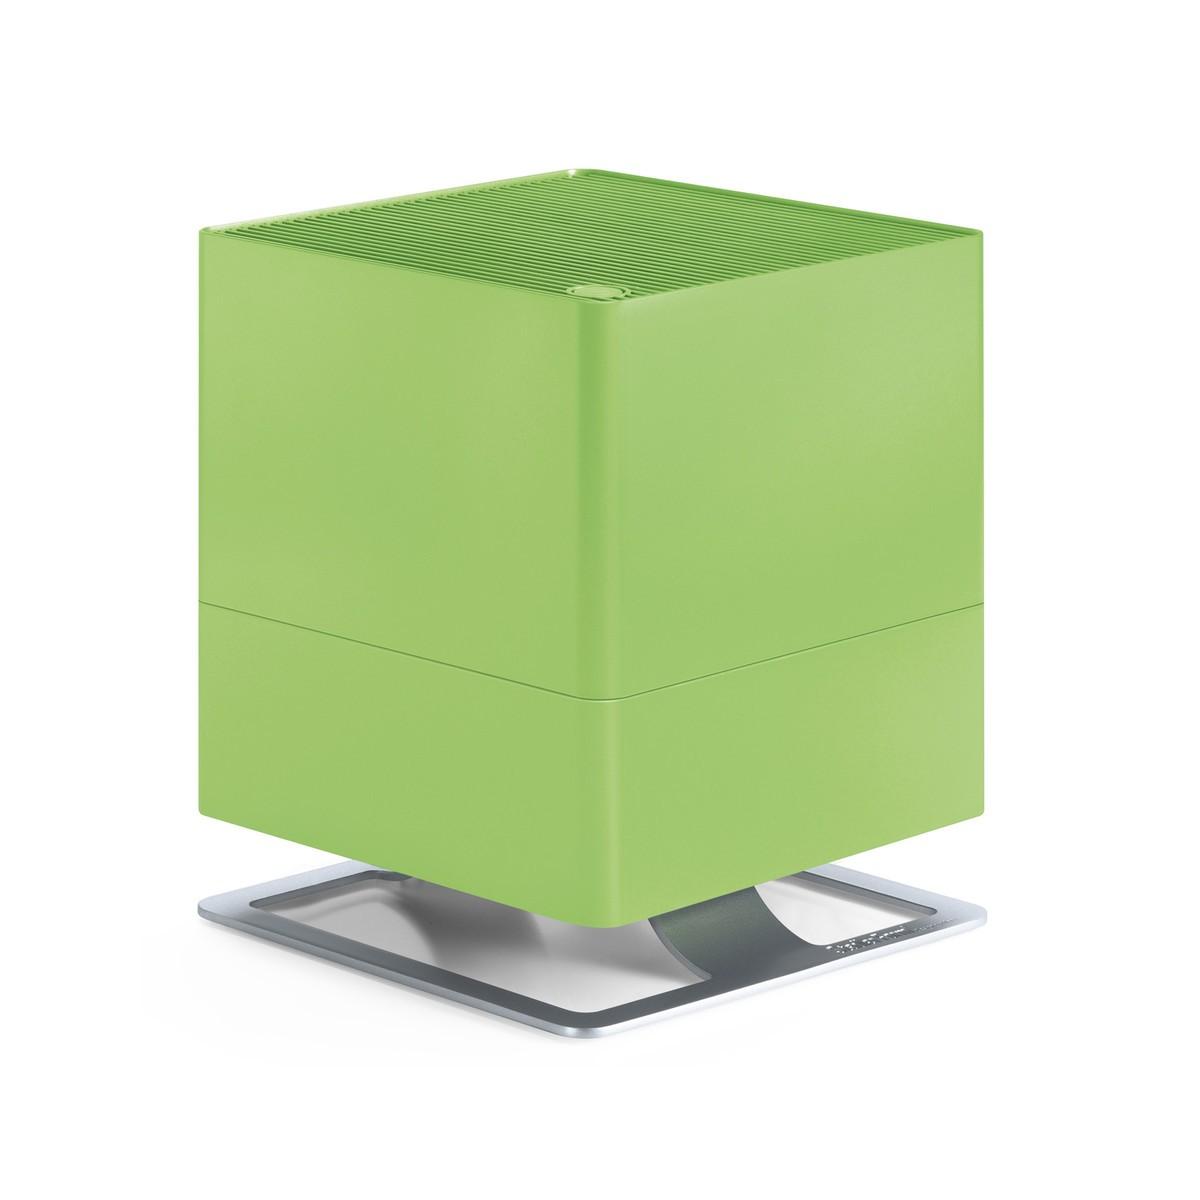 stadler form luftbefeuchter oskar lime homeelectric. Black Bedroom Furniture Sets. Home Design Ideas